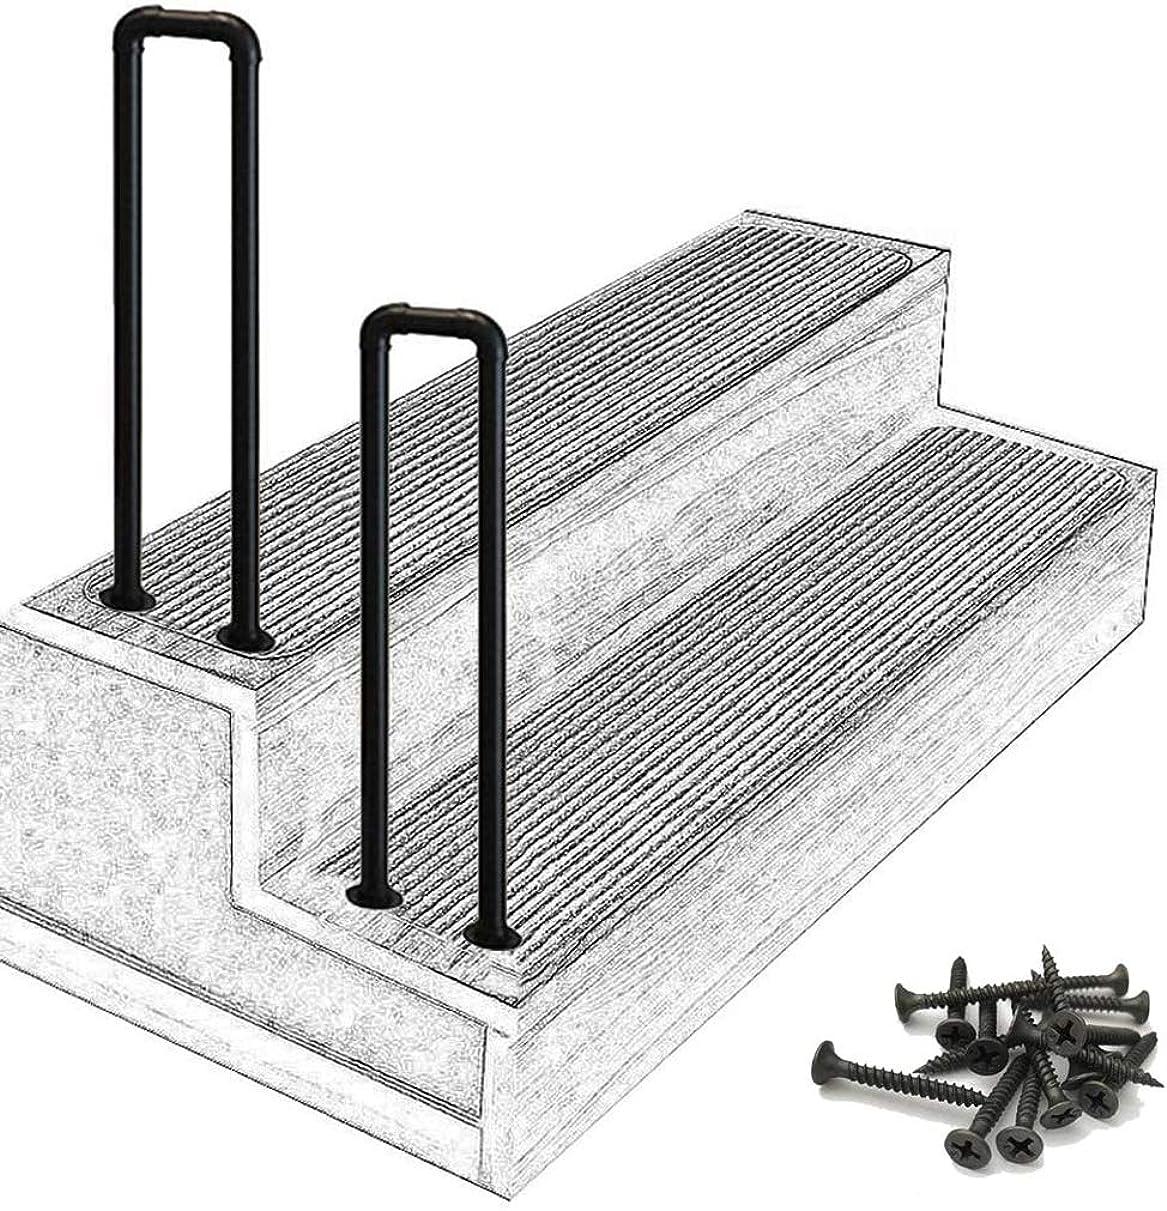 三角クライマックスヒロインHNNHL 屋外階段手すり、マットブラック階段レール錬鉄製手すり、屋外ステップ用取り付けキット手すり付き(Size:75cm(2.5ft))